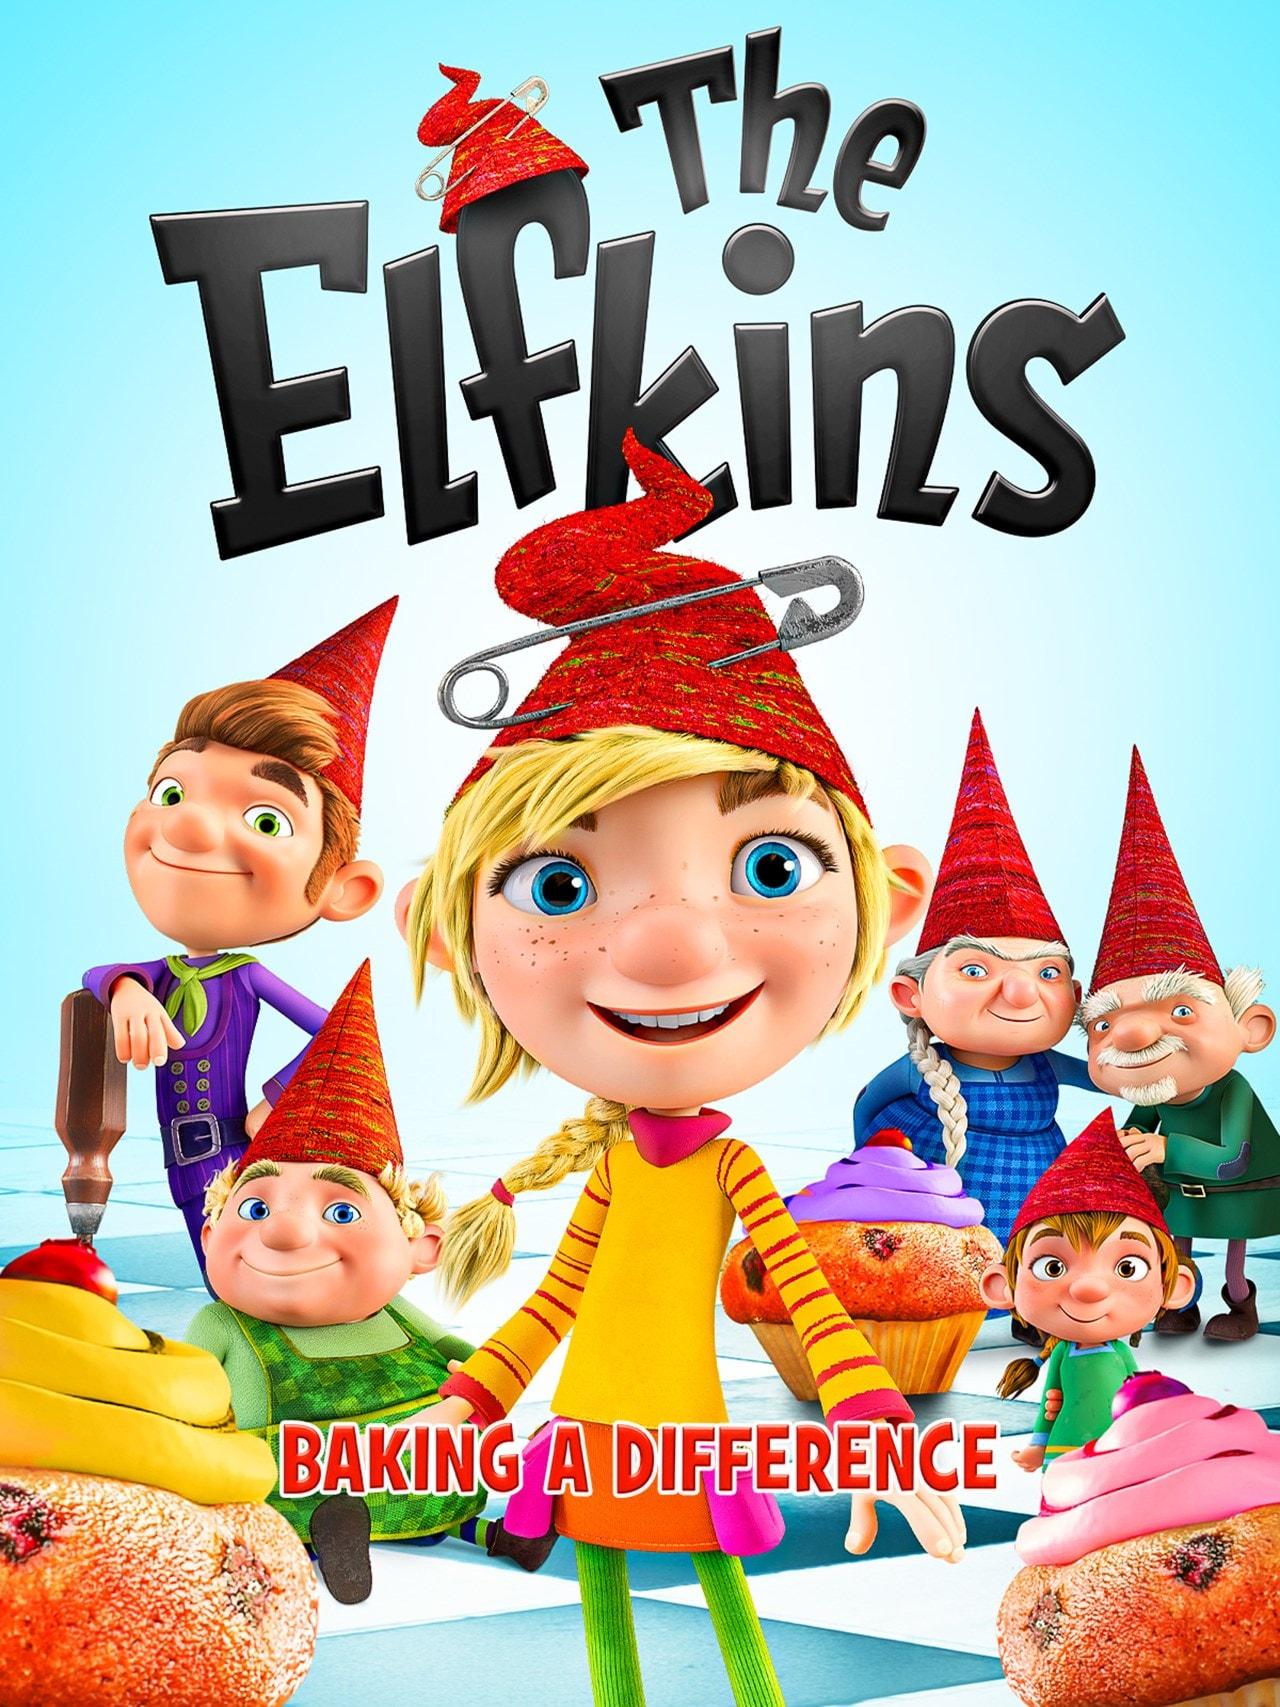 The Elfkins - 1